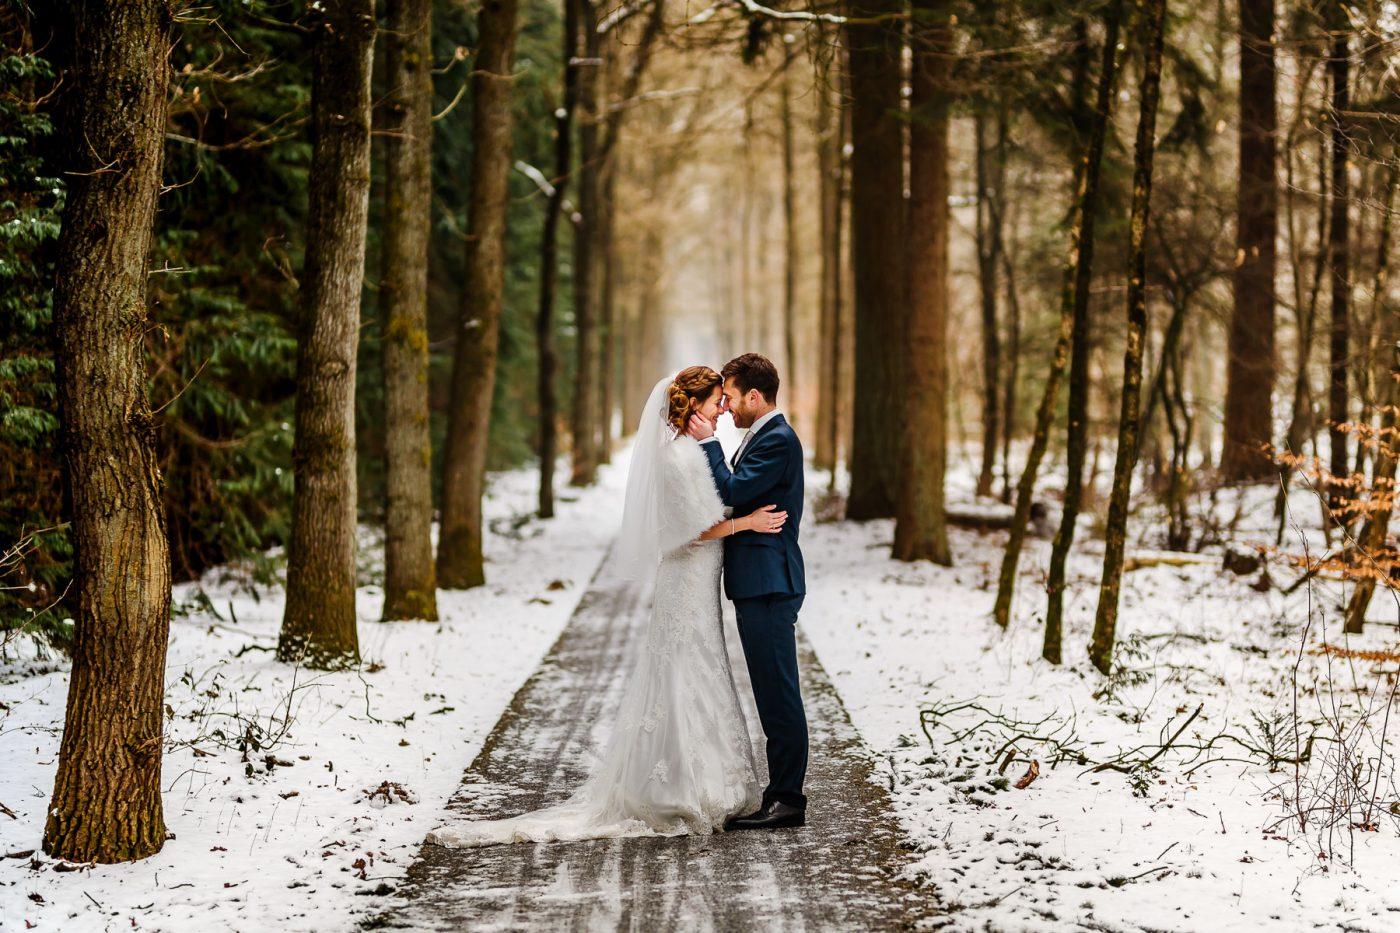 Trouwen in de winter | Winterbruiloft | Trouwen in de sneeuw | Sneeuw op je bruiloft | Trouwfoto in de sneeuw